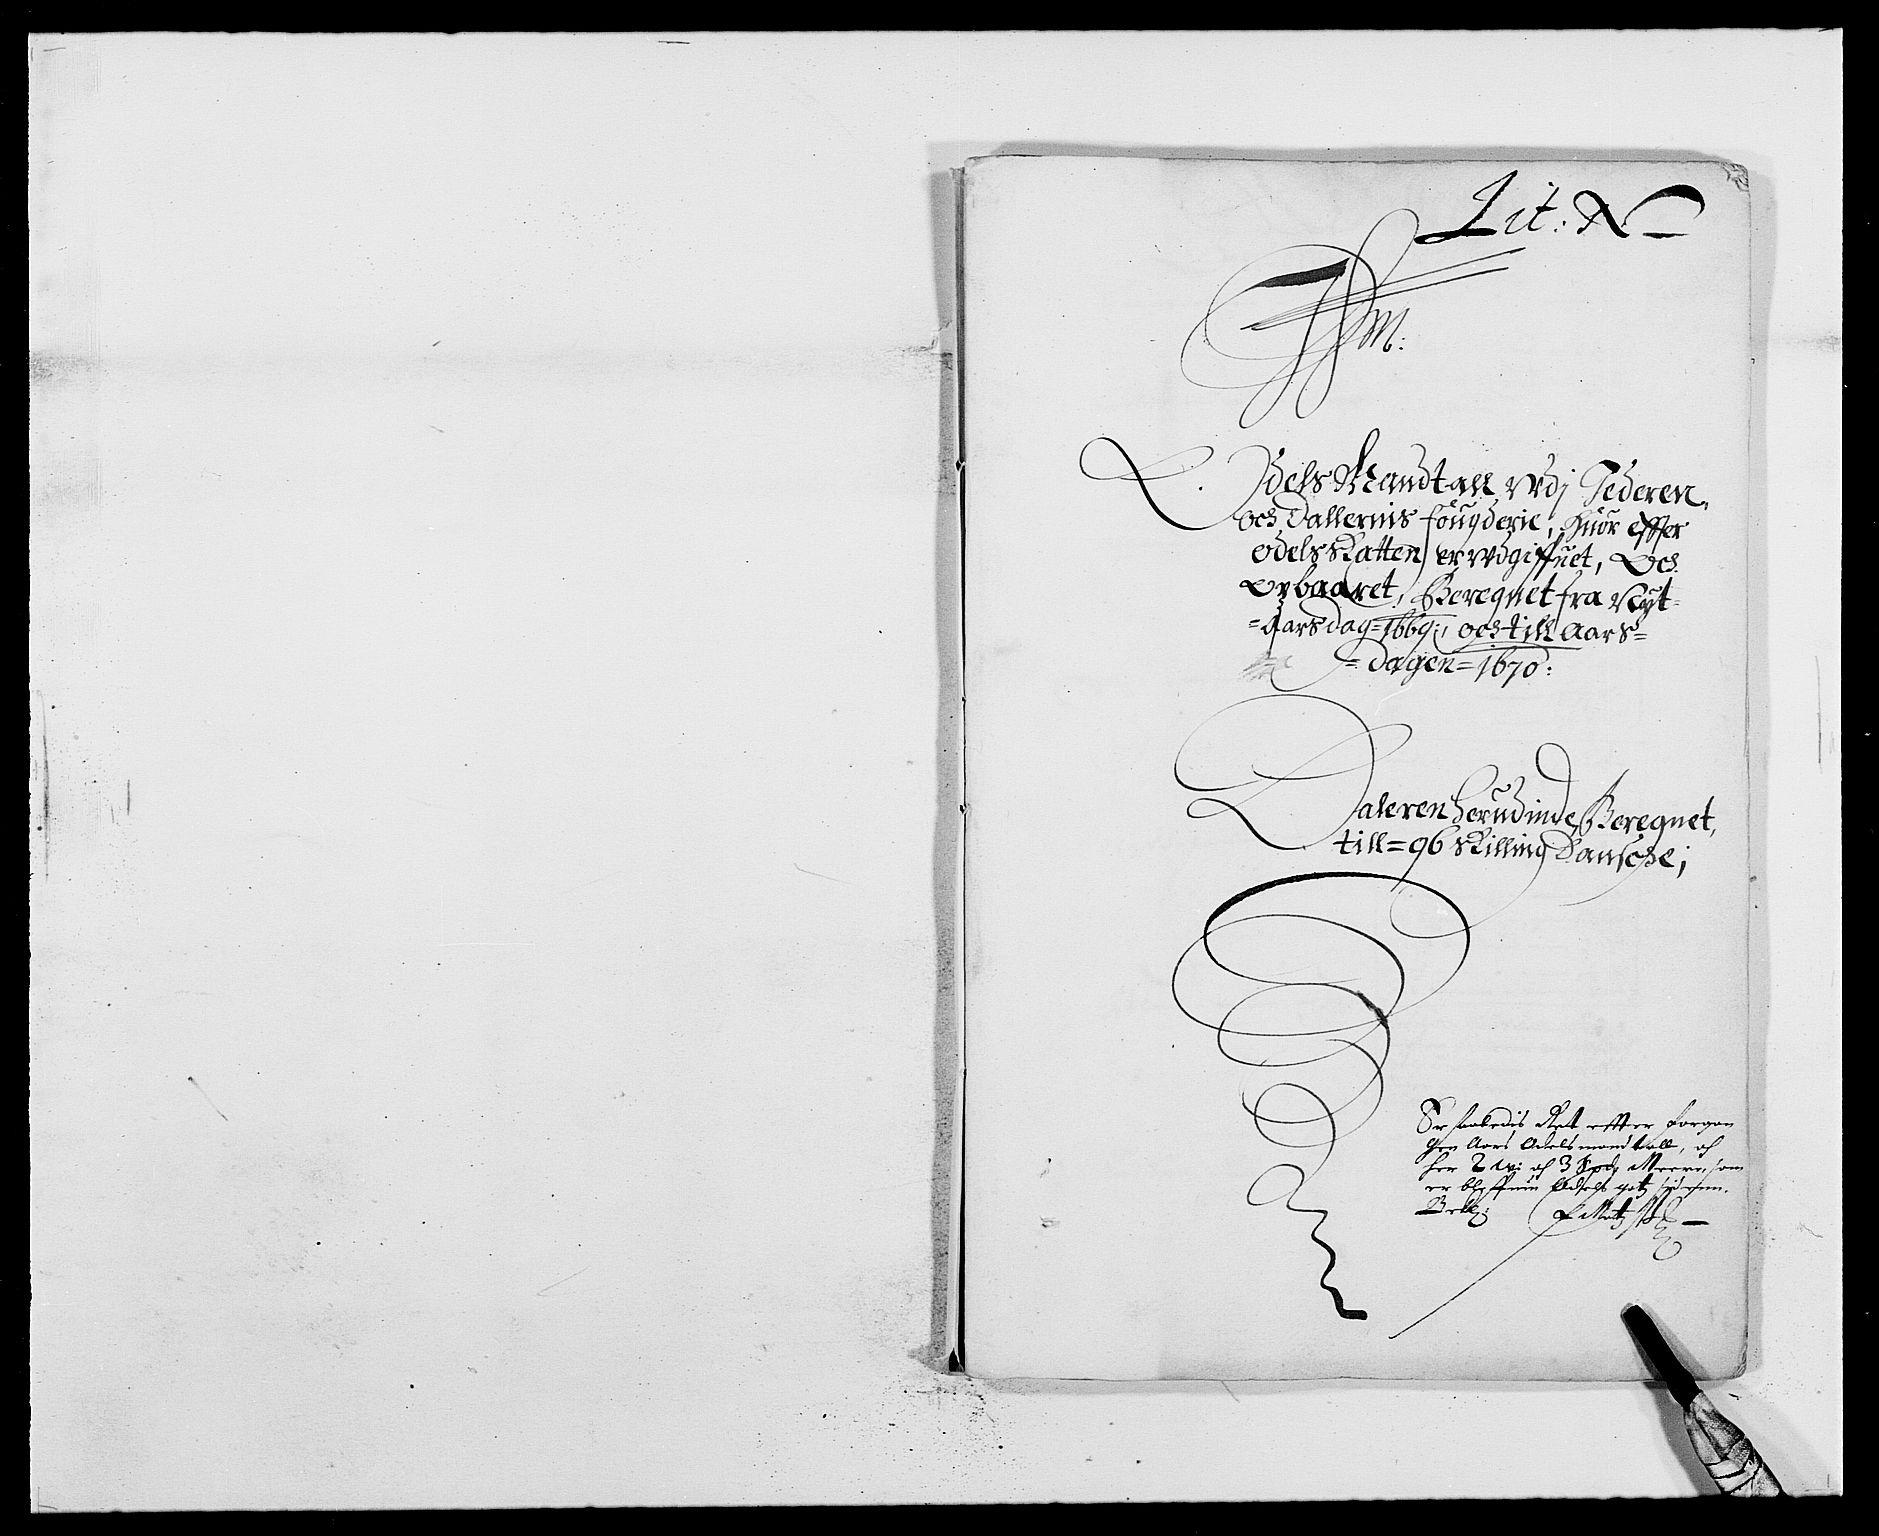 RA, Rentekammeret inntil 1814, Reviderte regnskaper, Fogderegnskap, R46/L2711: Fogderegnskap Jæren og Dalane, 1668-1670, s. 310